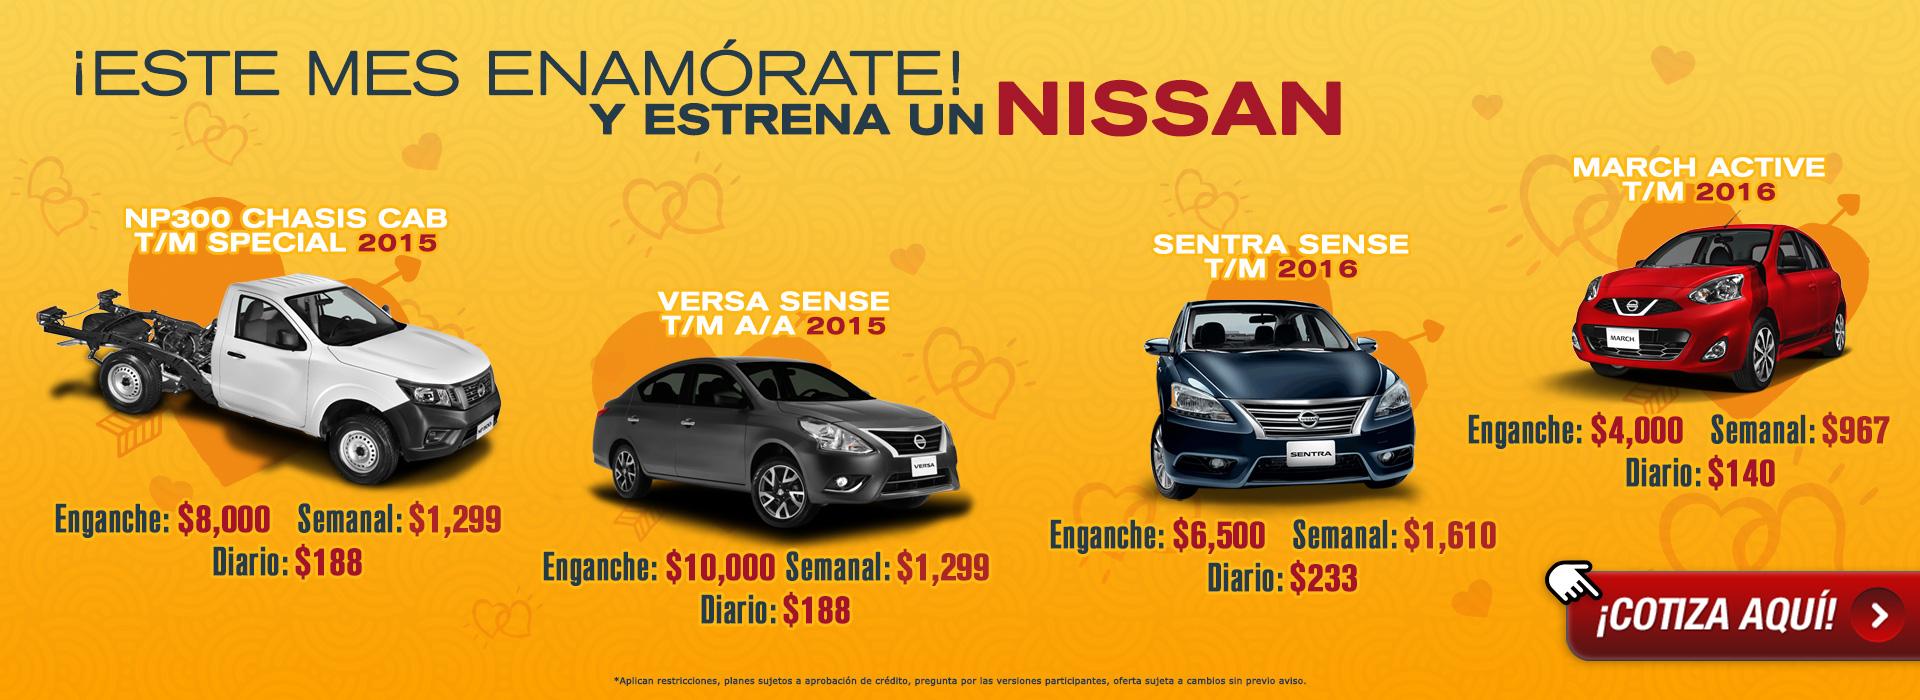 Este mes enamórate y estrena un Nissan con Sicrea